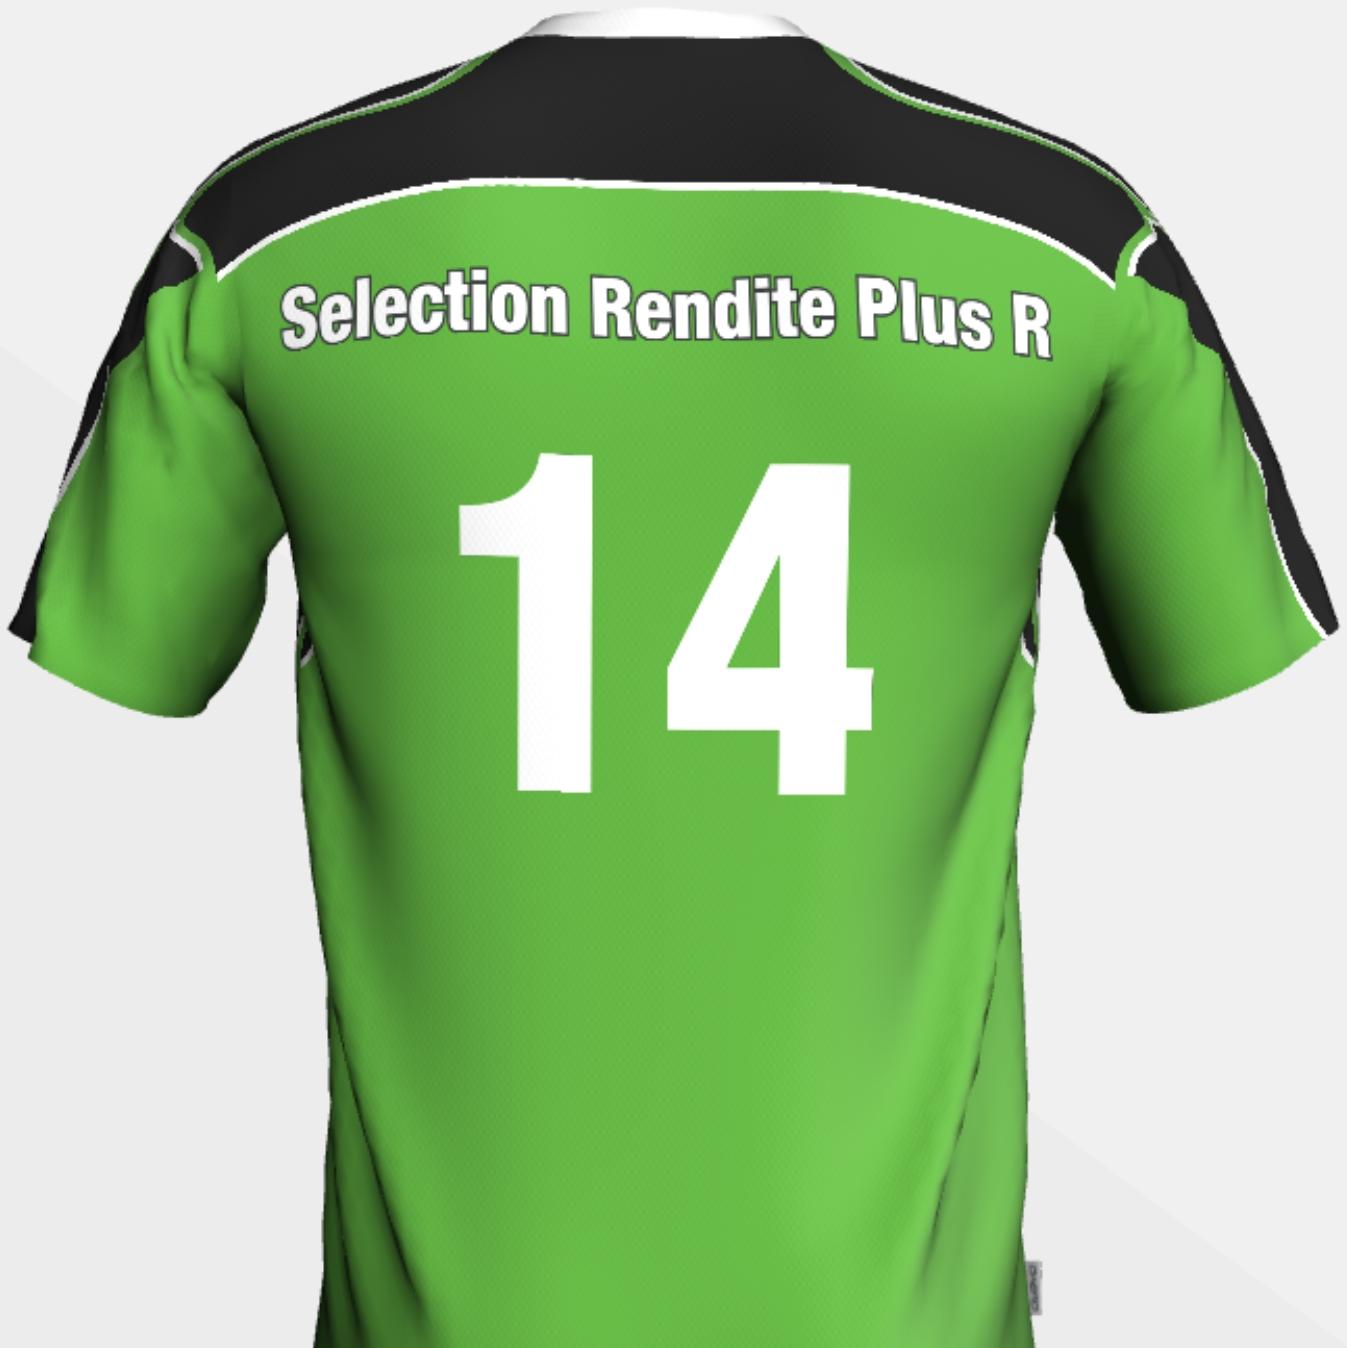 Selection Rendite Plus R